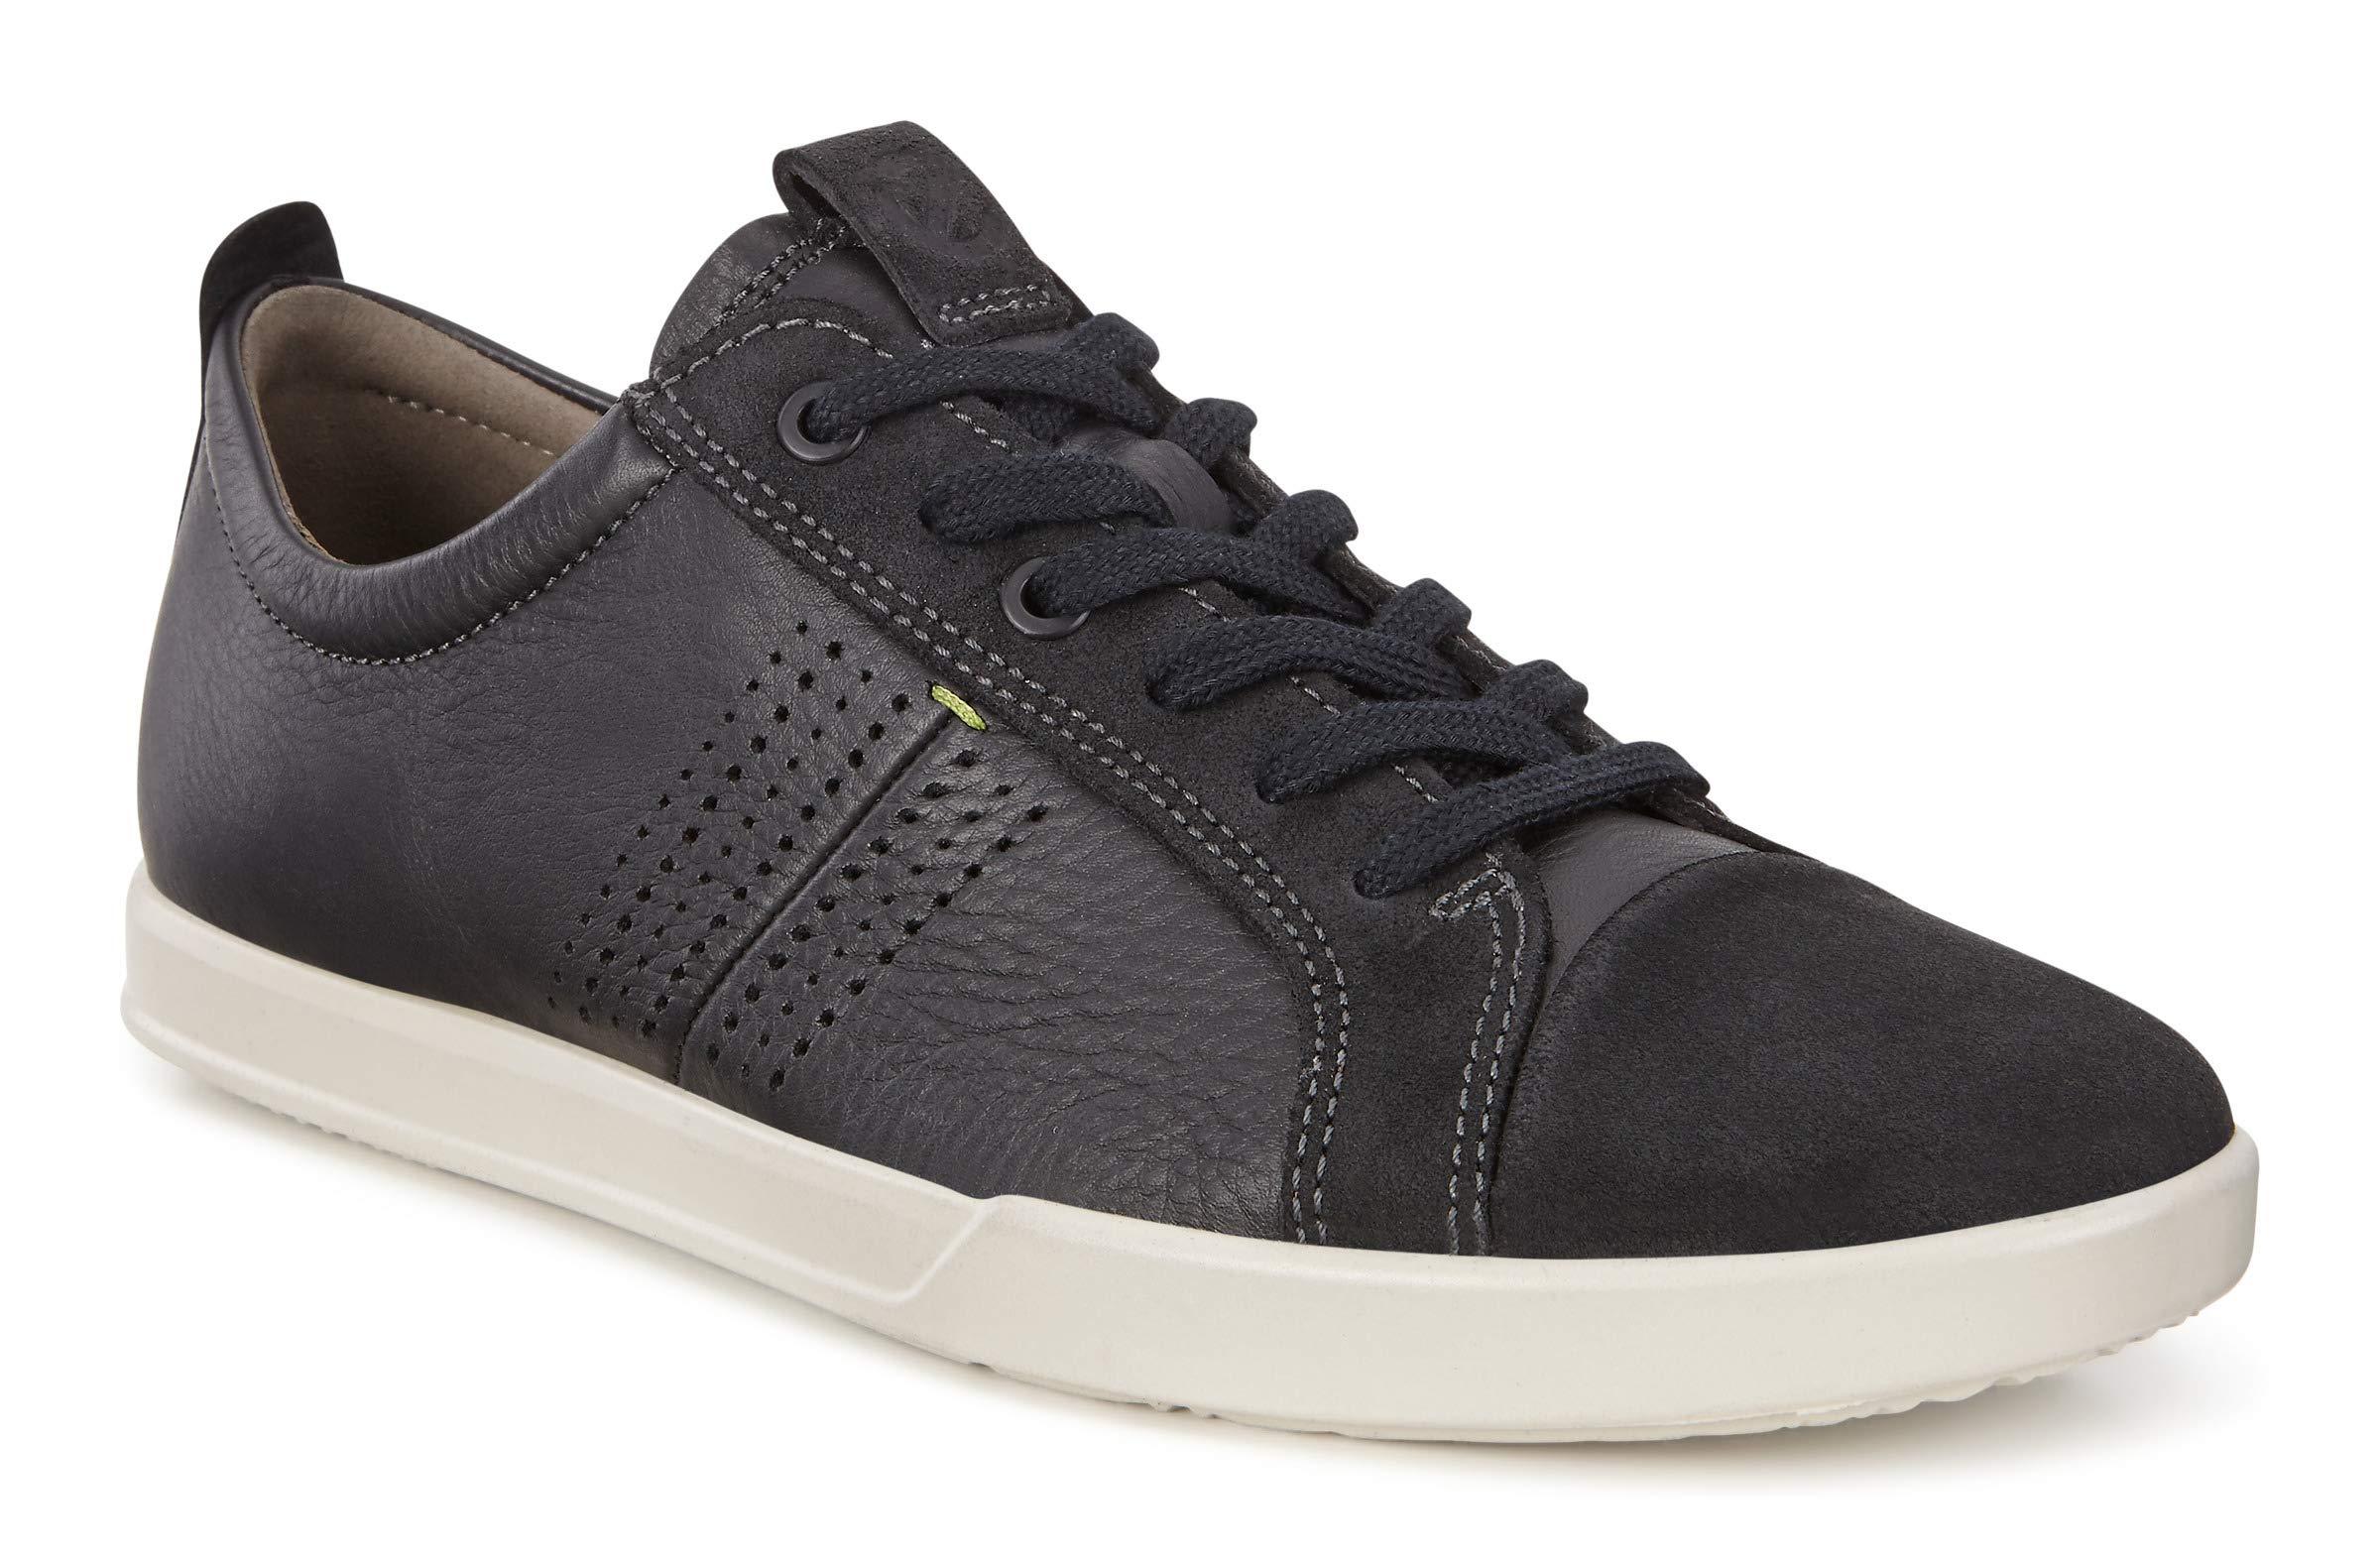 ECCO Collin Trend Sneaker Black